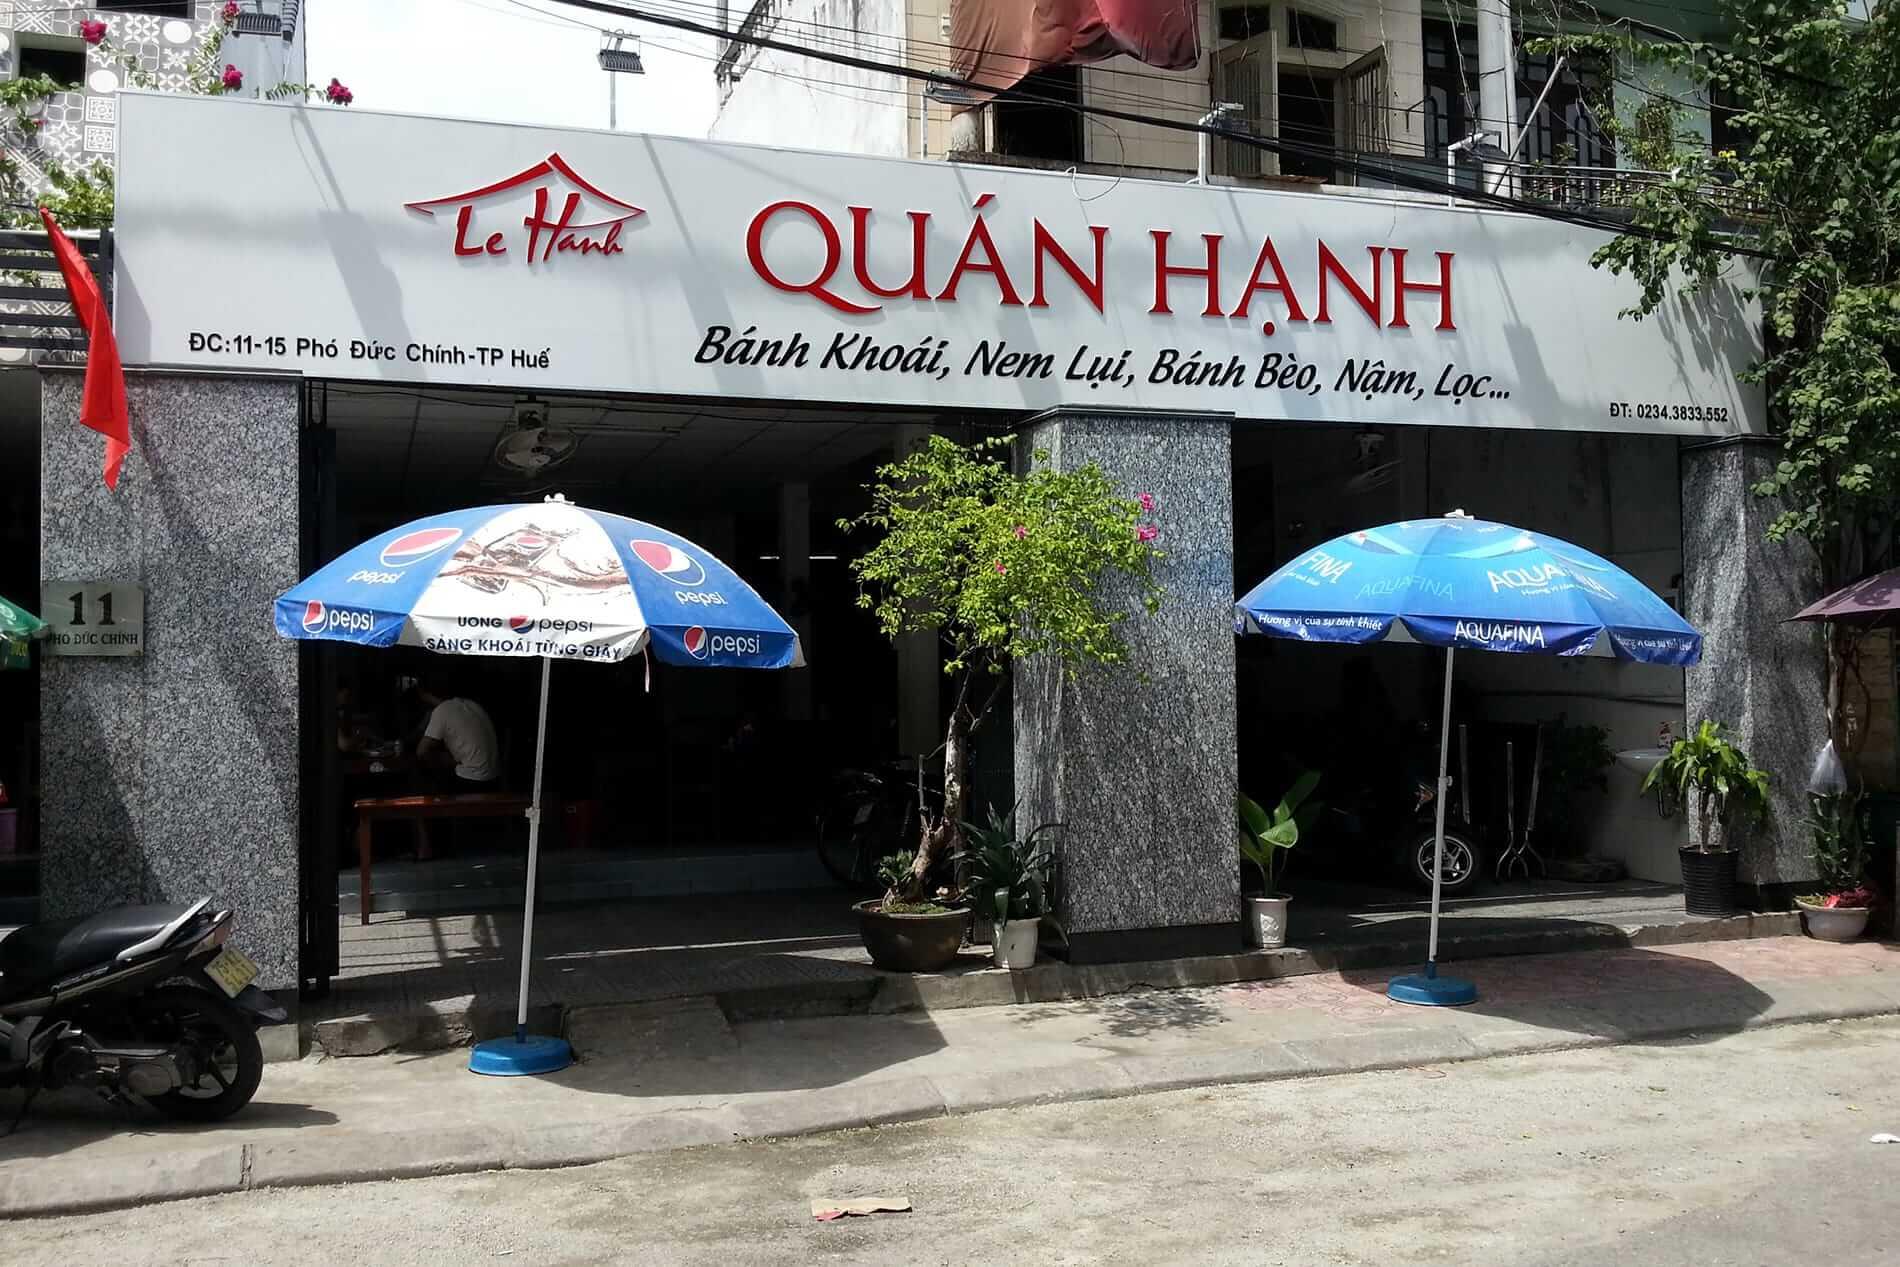 Outside the Hanh Restaurant